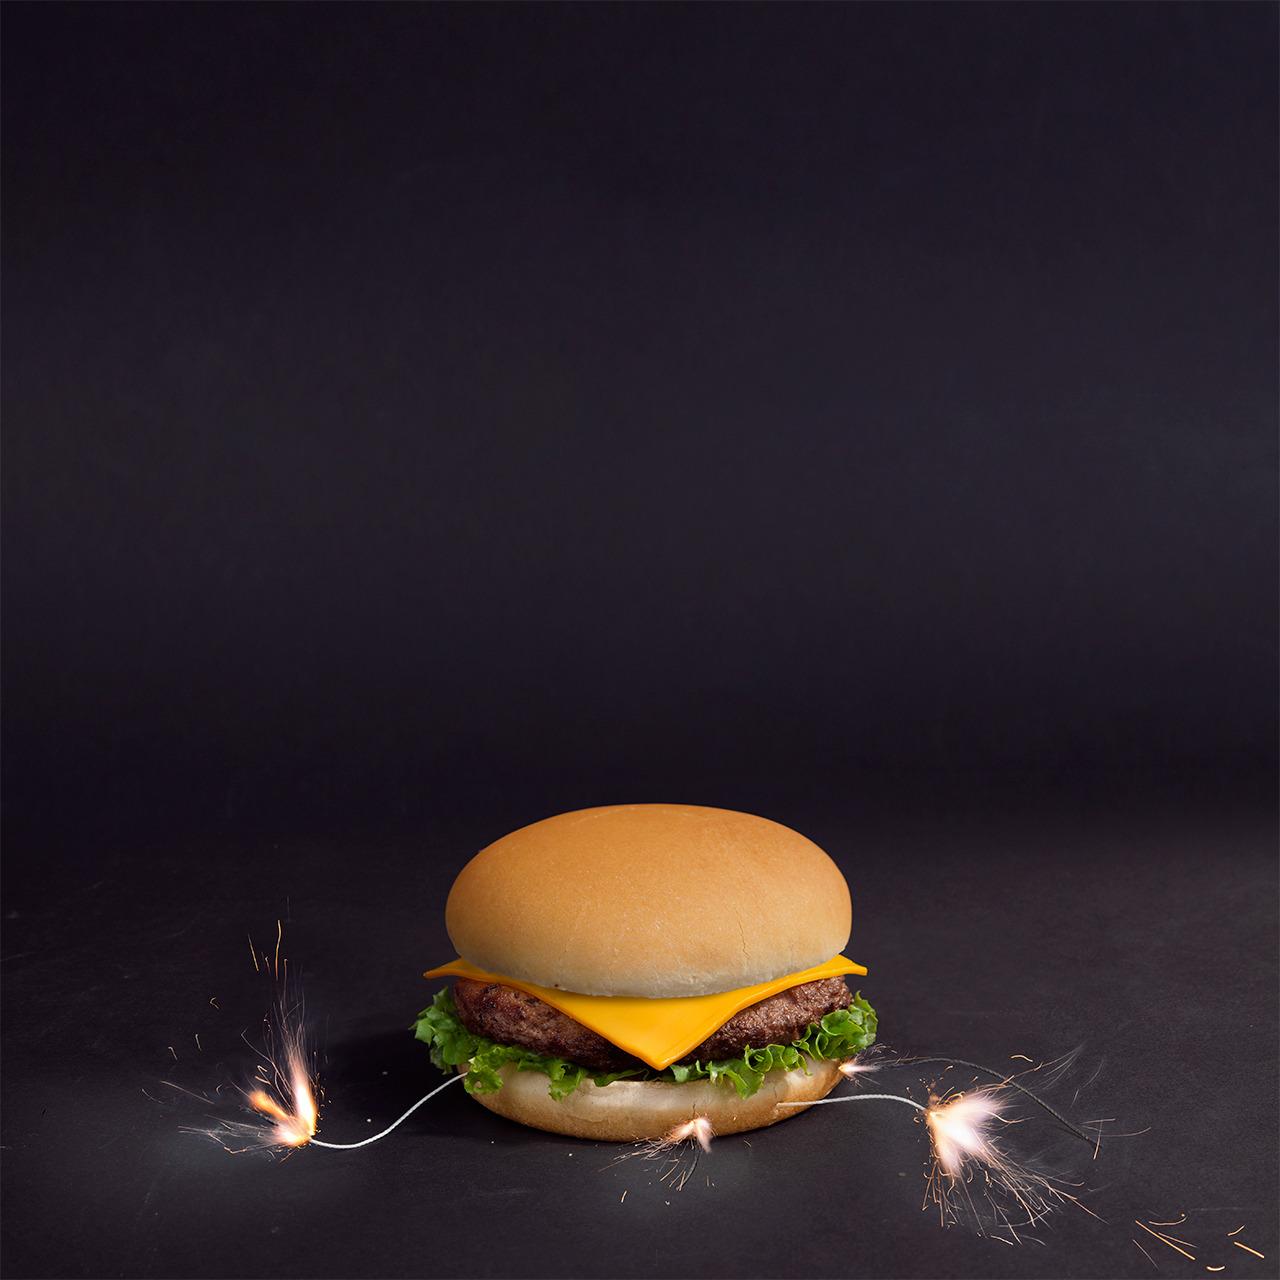 La semaine prochaine je fais péter le haut! #boomburger